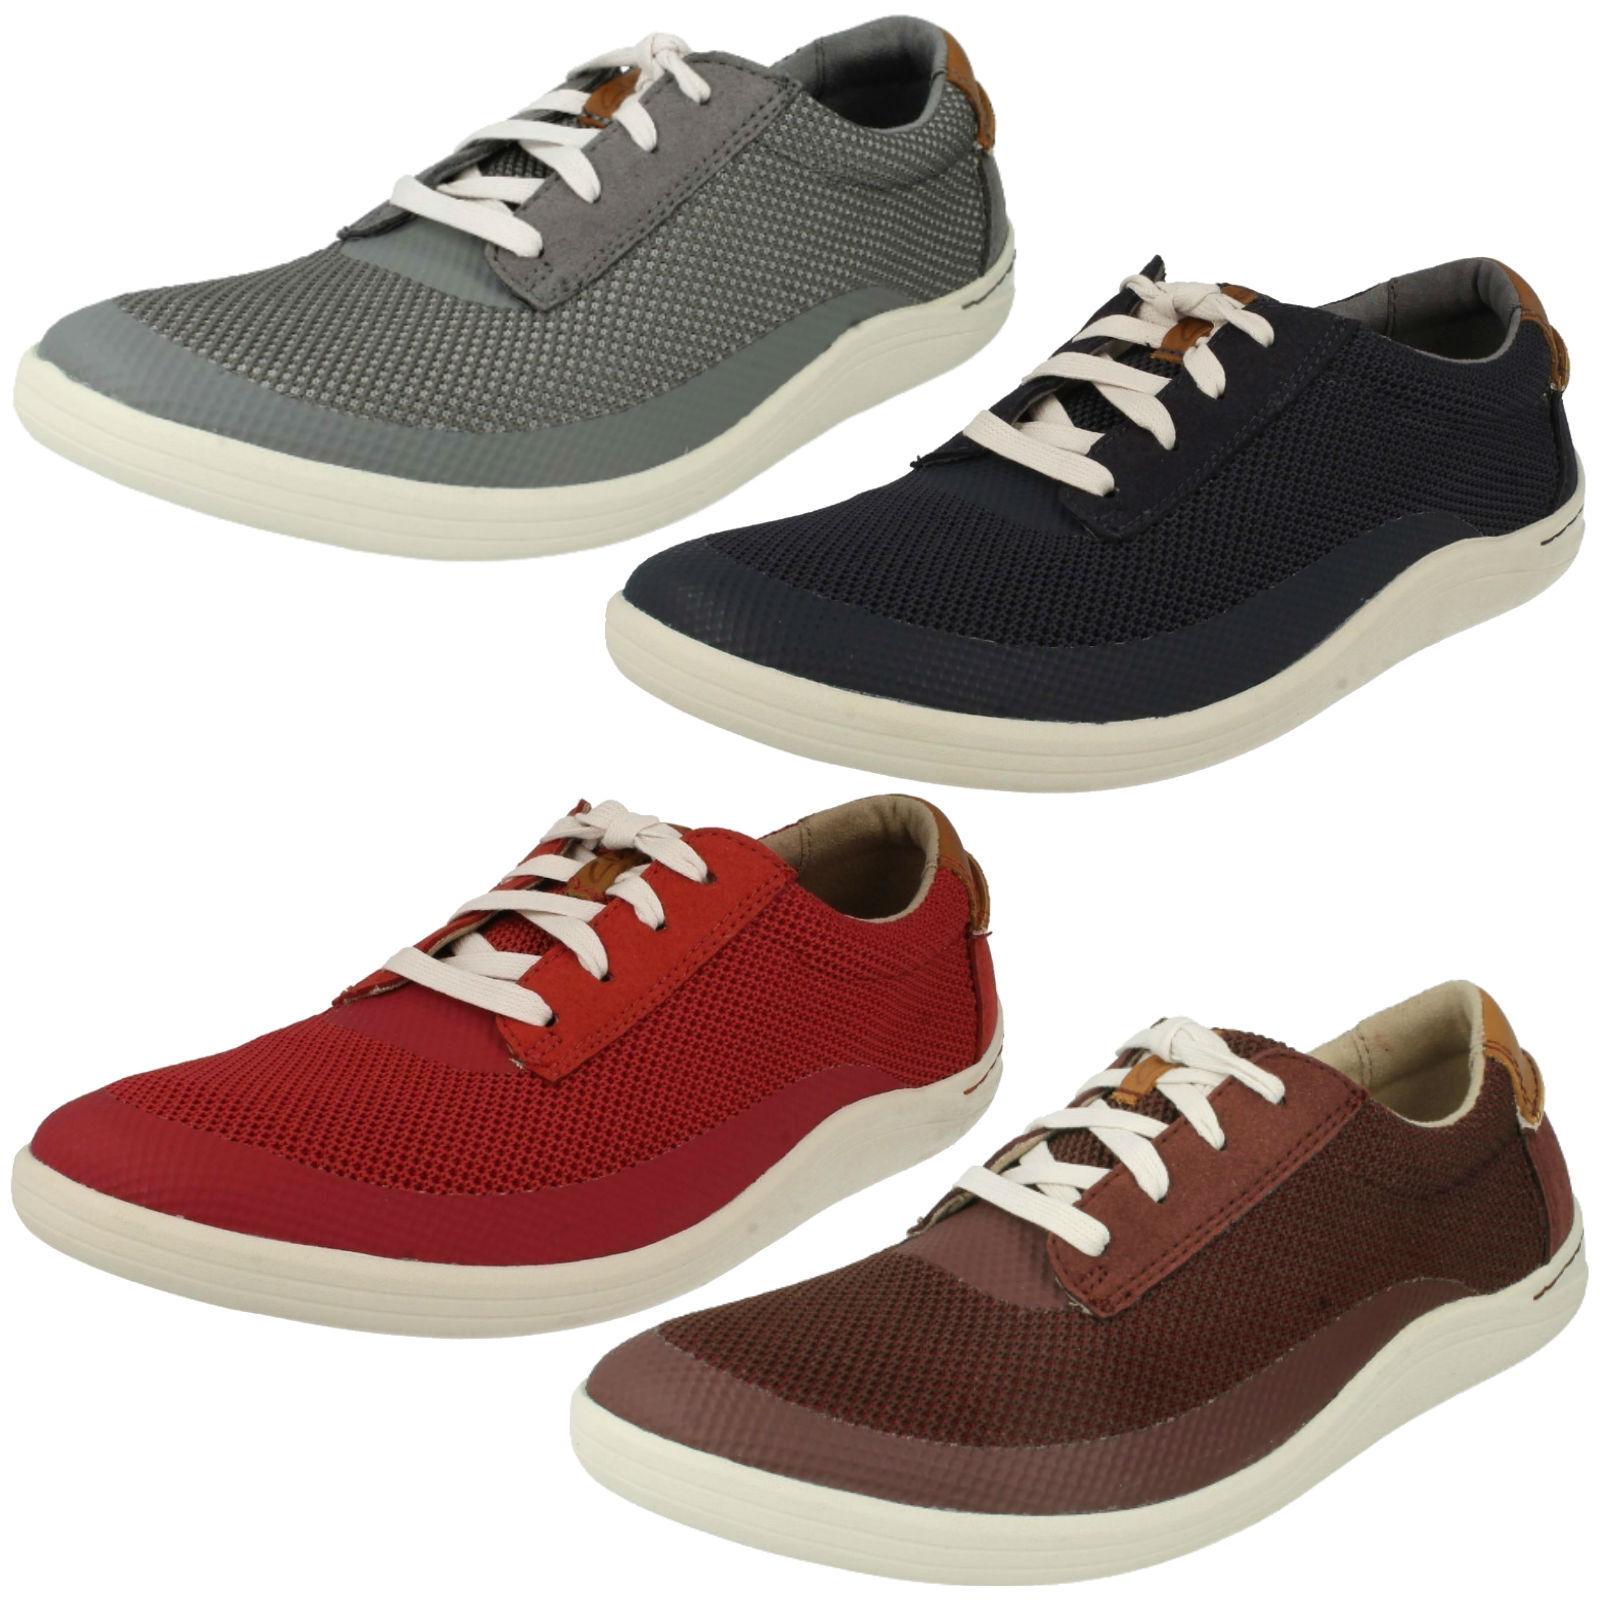 Clarks de HOMBRE CORDONES livanos Zapatillas de Clarks Deporte Informales Zapatos Talla 3daf09